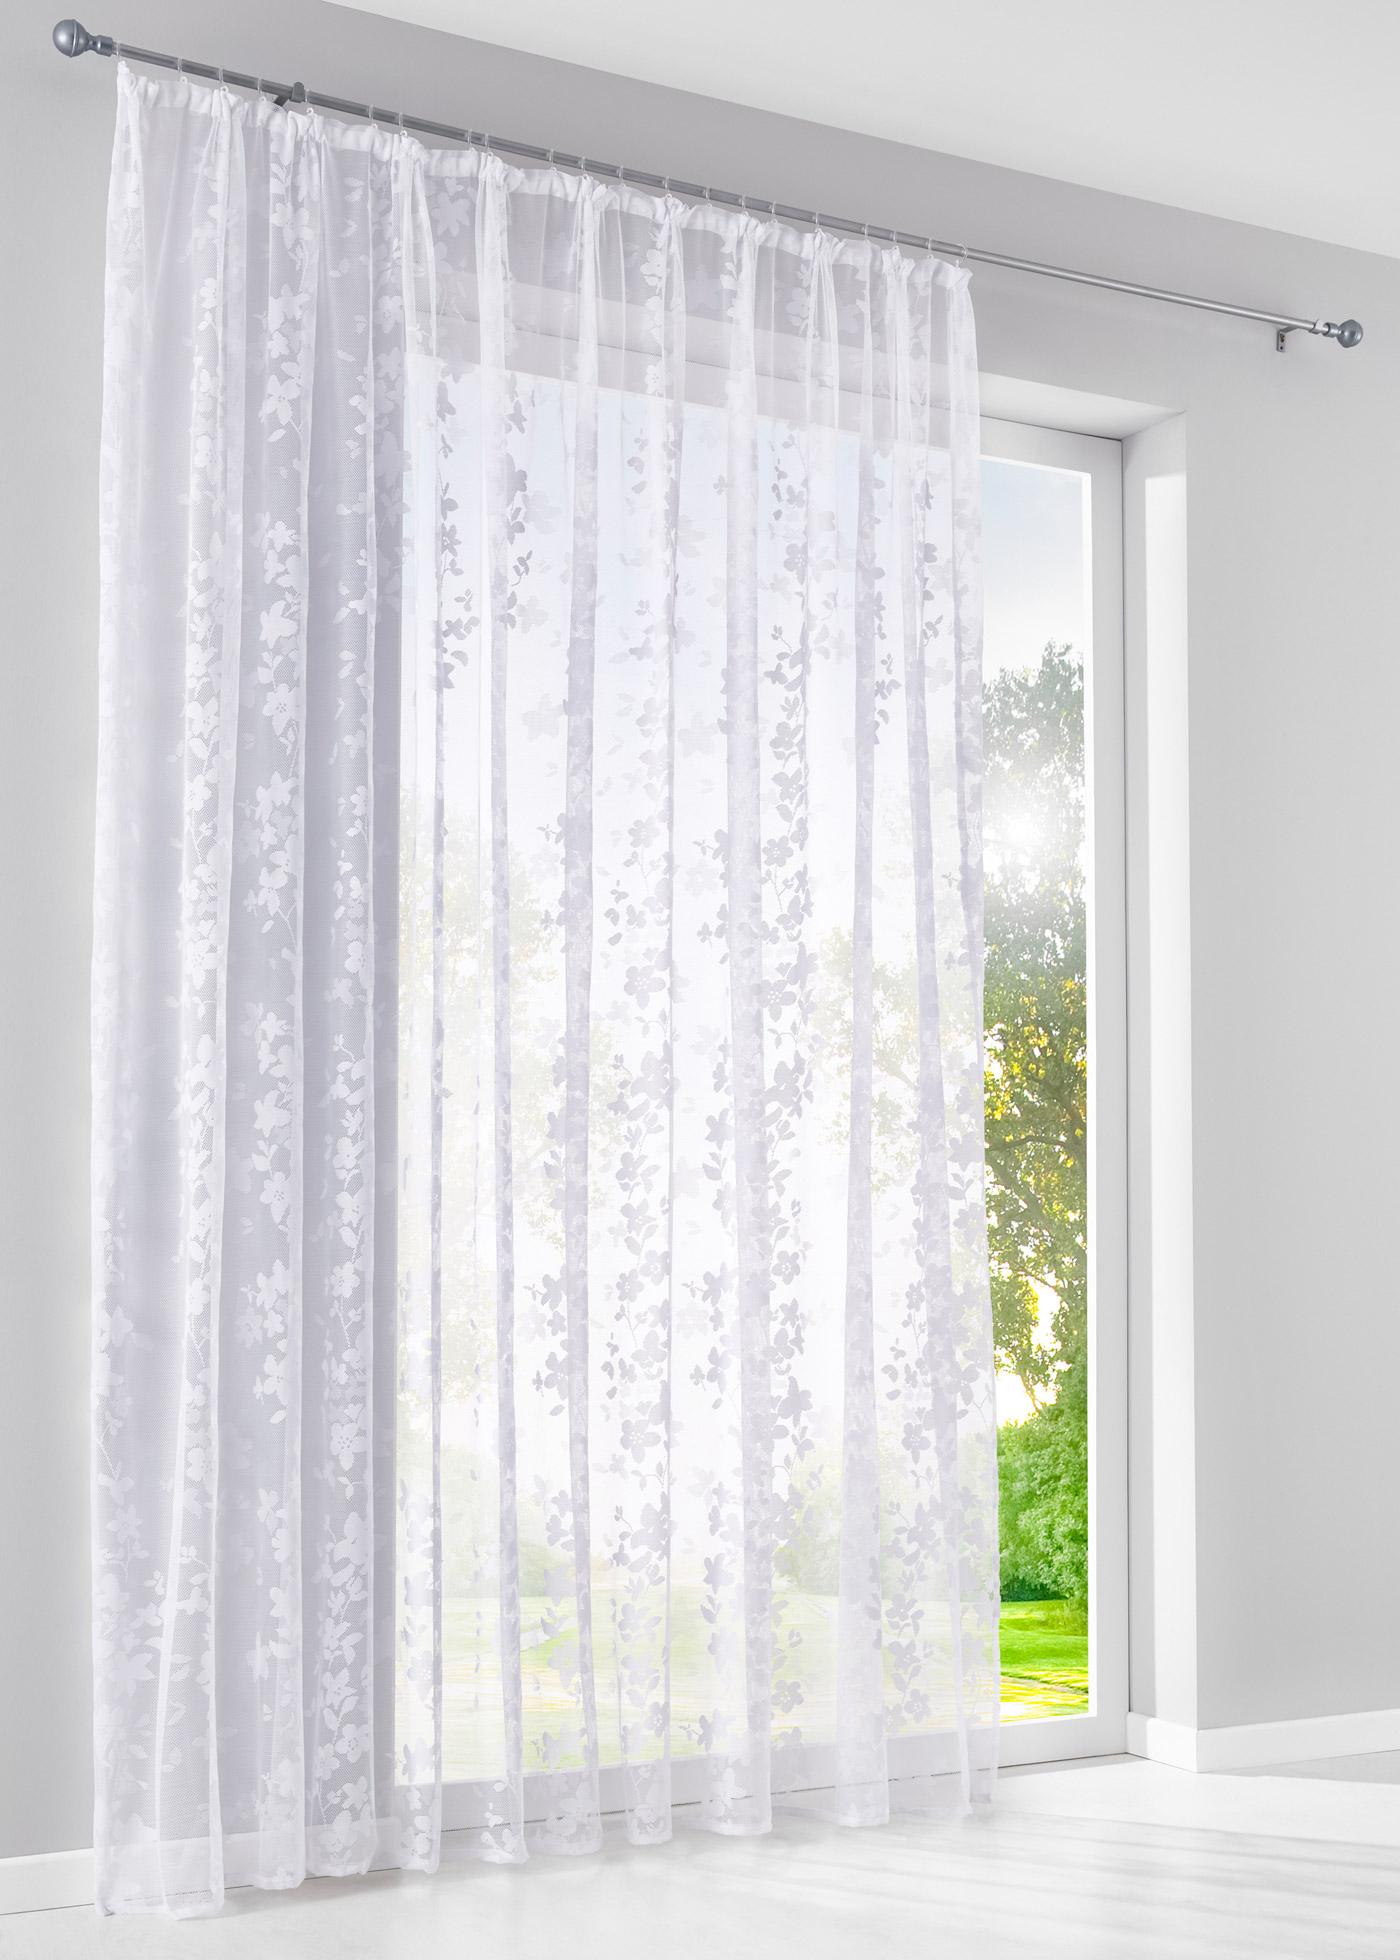 Tissu jacquard transparent de qualité supérieure, dimensions = dimensions du tissu.